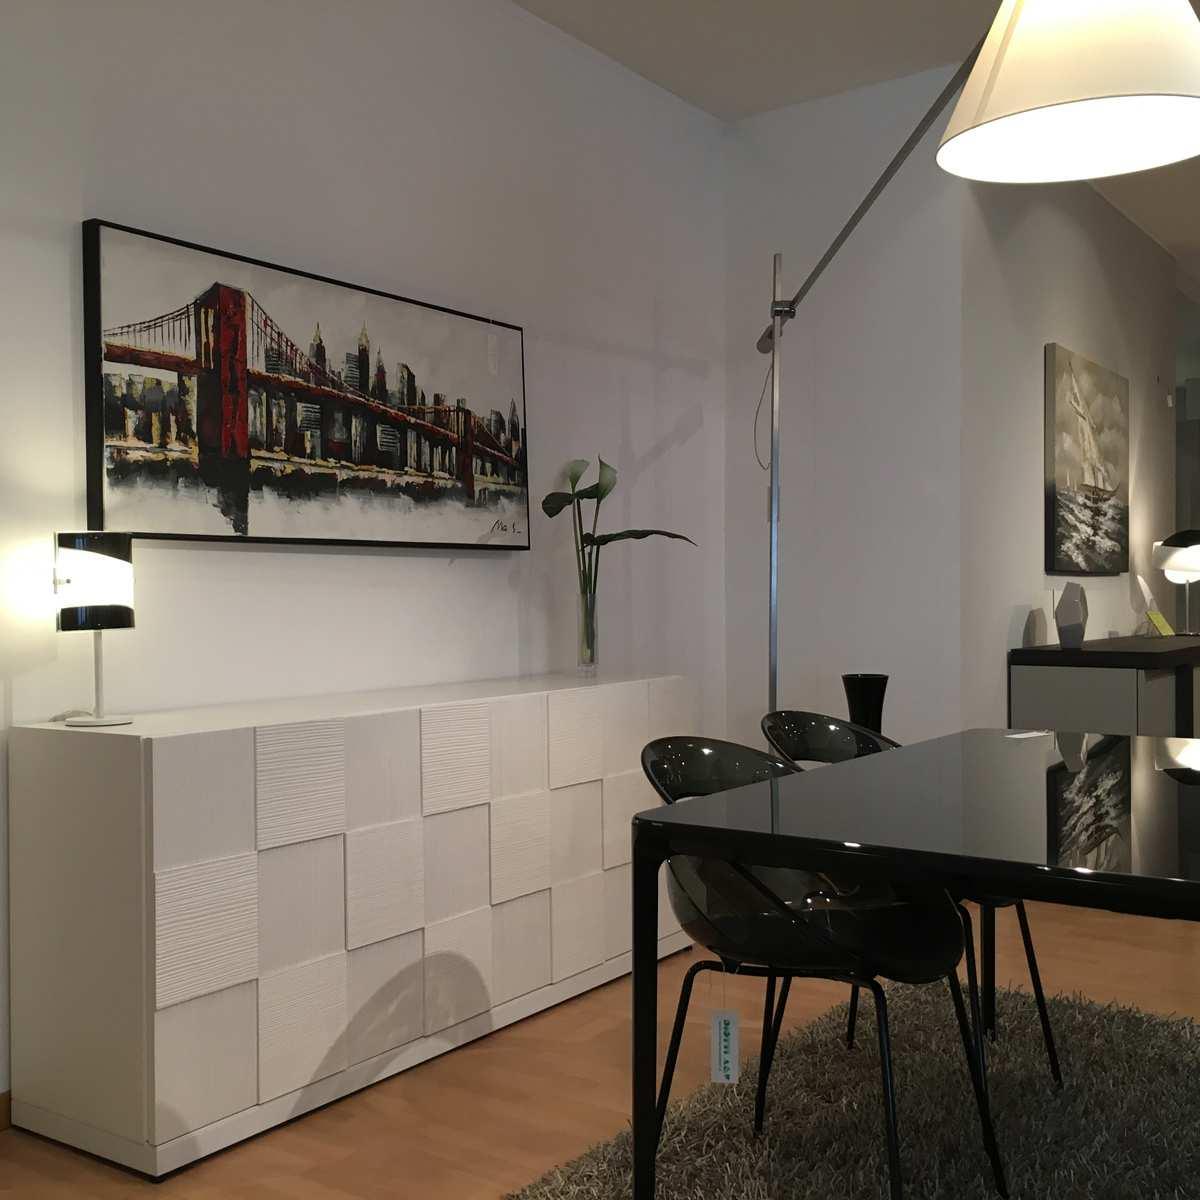 Arredamenti Rivarolo Canavese wide spaces for milanomondo's furniture at arredamenti